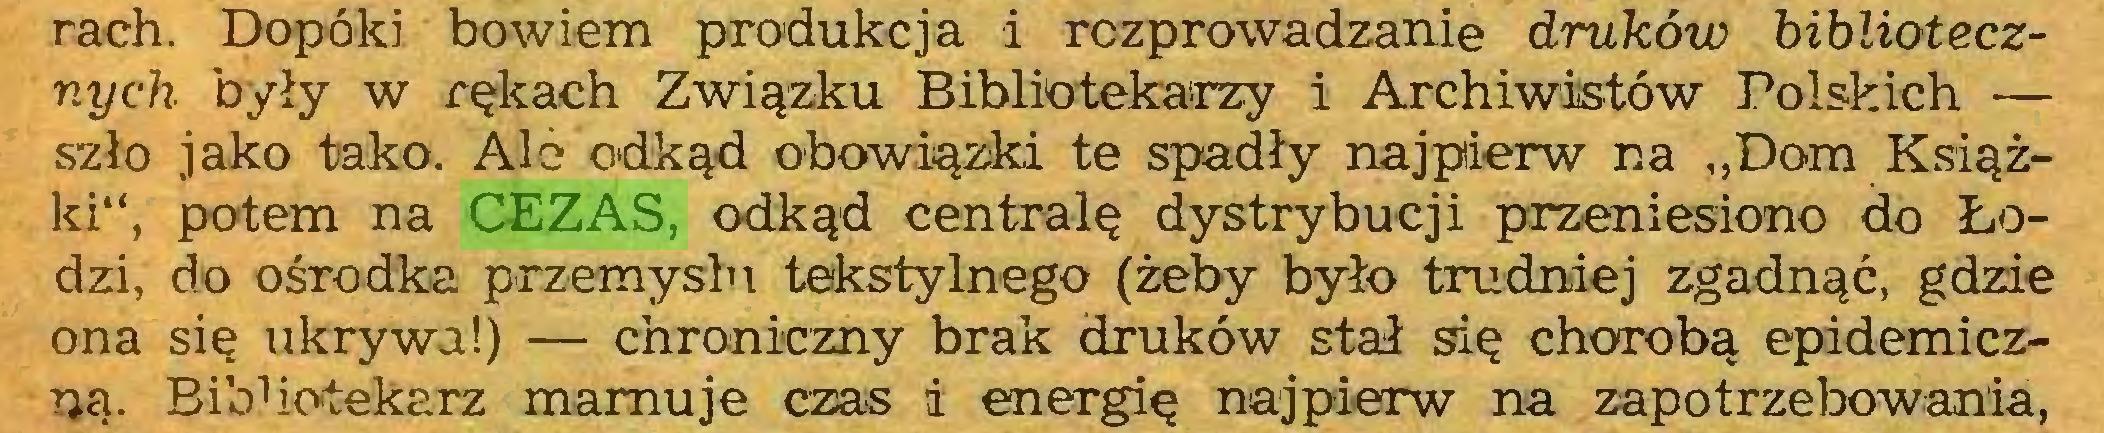 """(...) rach. Dopóki bowiem produkcja i rozprowadzanie druków bibliotecznych były w rękach Związku Bibliotekarzy i Archiwistów Polskich — szło jako tako. Al o odkąd obowiązki te spadły najpierw na """"Dom Książki"""", potem na CEZAS, odkąd centralę dystrybucji przeniesiono do Łodzi, do ośrodka przemysłu tekstylnego (żeby było trudniej zgadnąć, gdzie ona się ukrywa!) — chroniczny brak druków stał się chorobą epidemiczną. BibUotekarz marnuje czas i energię najpierw na zapotrzebowania,..."""